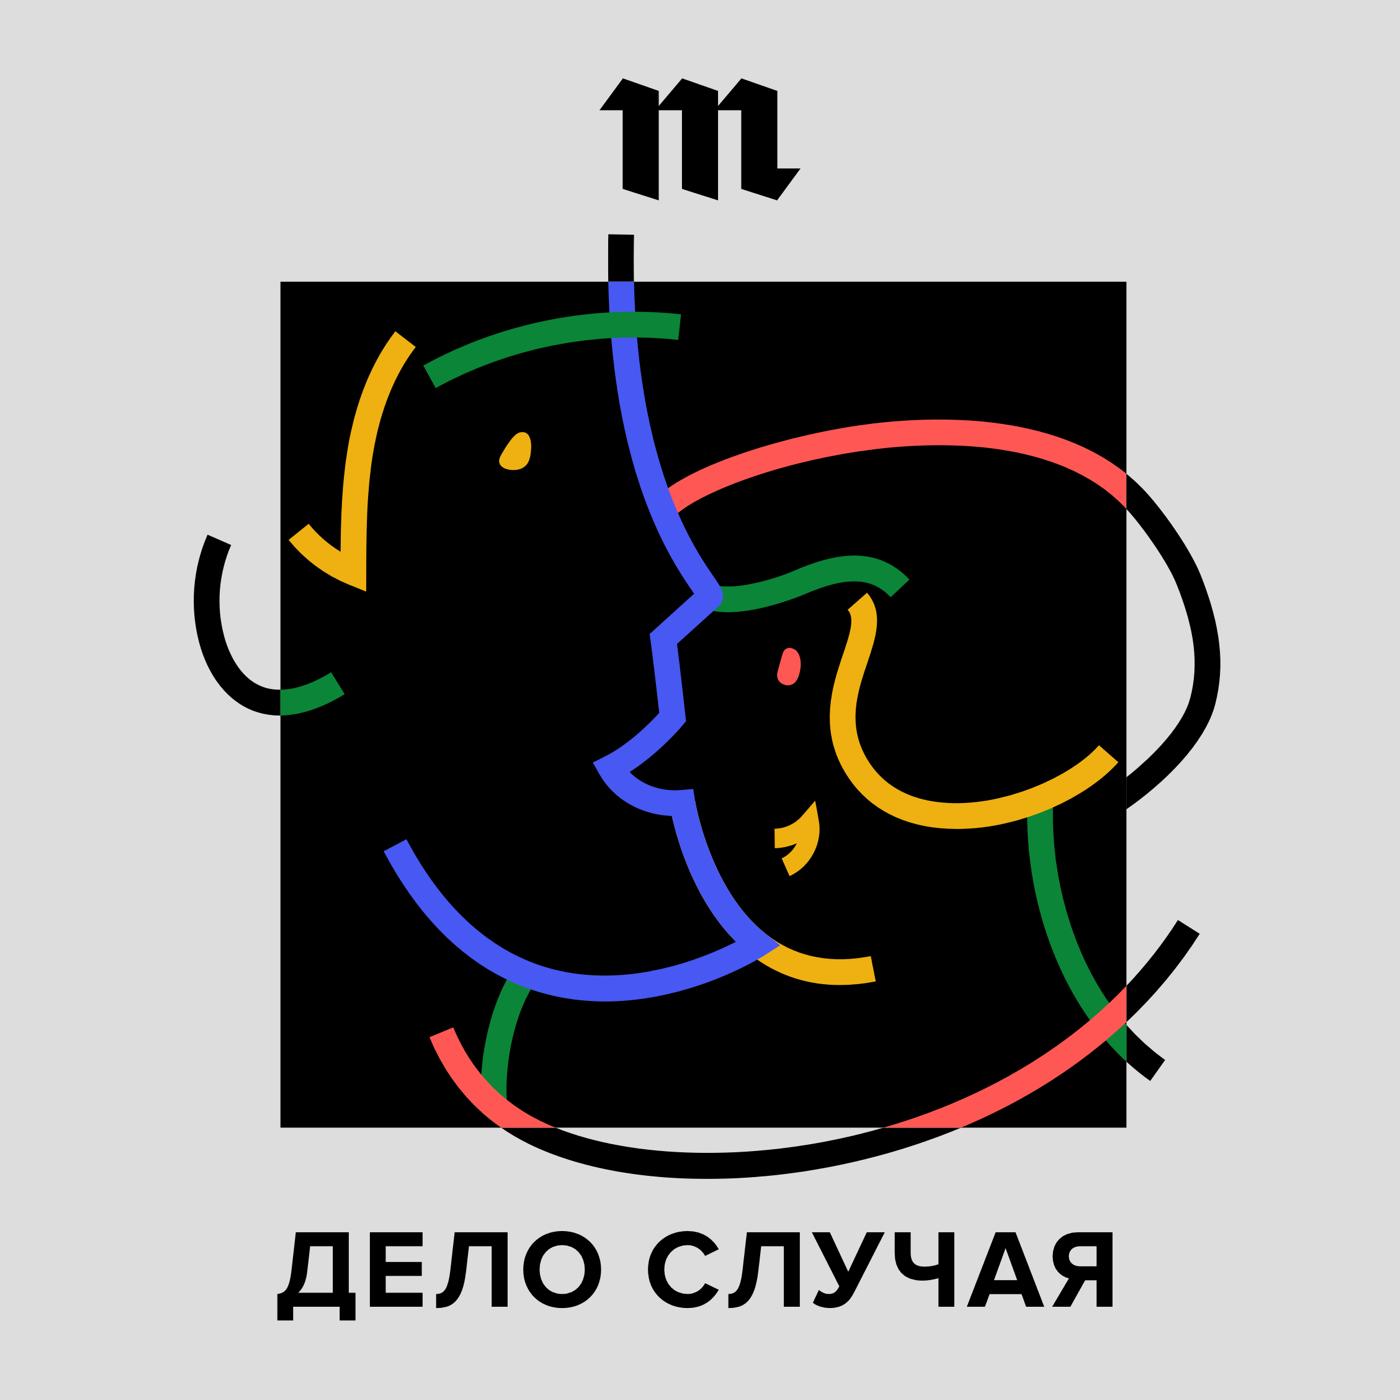 Андрей Бабицкий Можно ли заставить нас поступать правильно? андрей бабицкий почему мы сочувствуем роботам но не всем